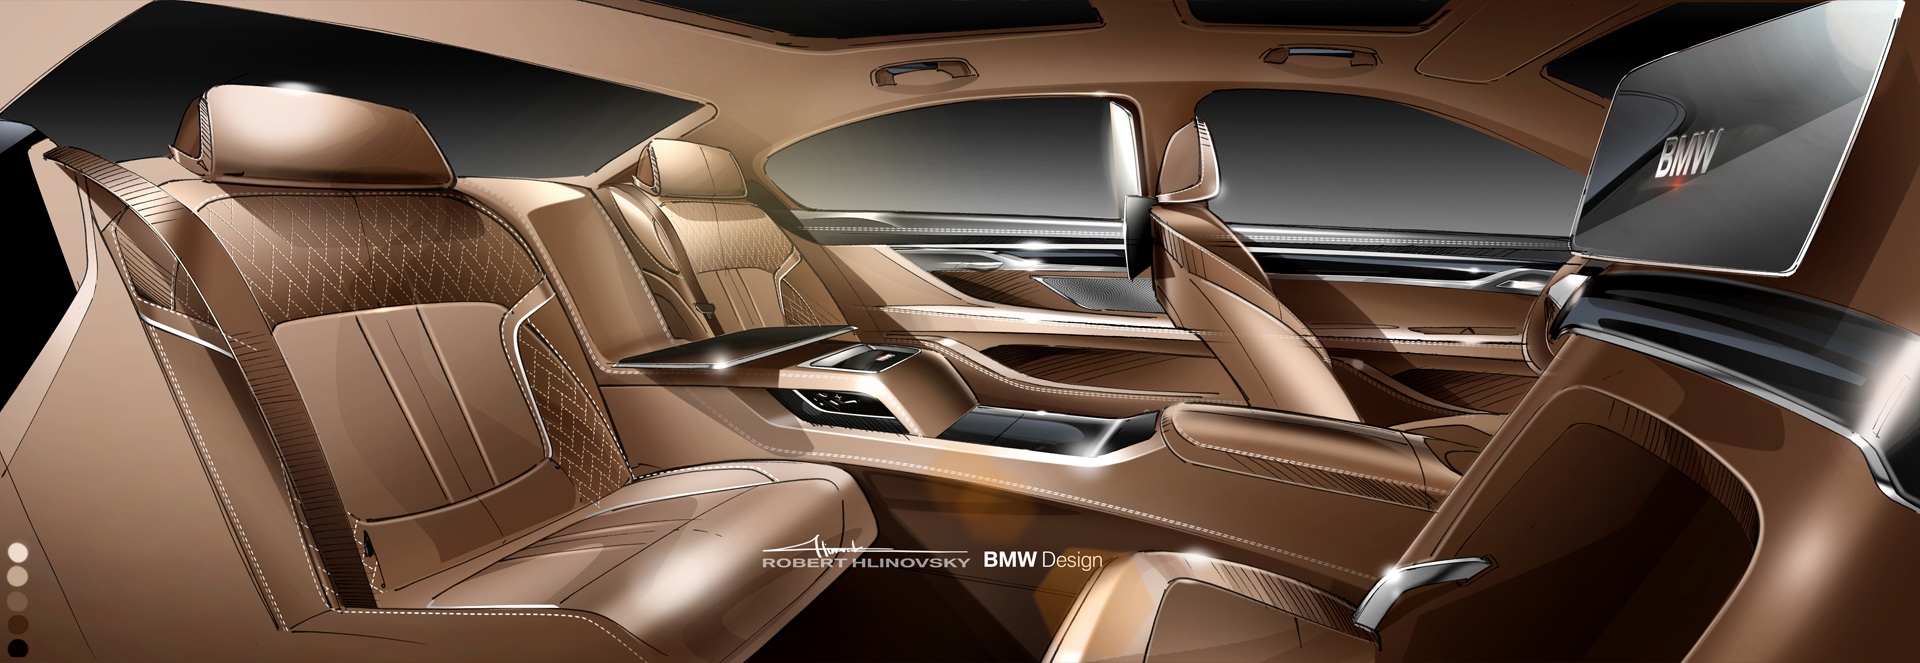 Ключ-гаджет, сидение-кровать или лавры настоящего BMW: тест новой 7 серии. Фото 9